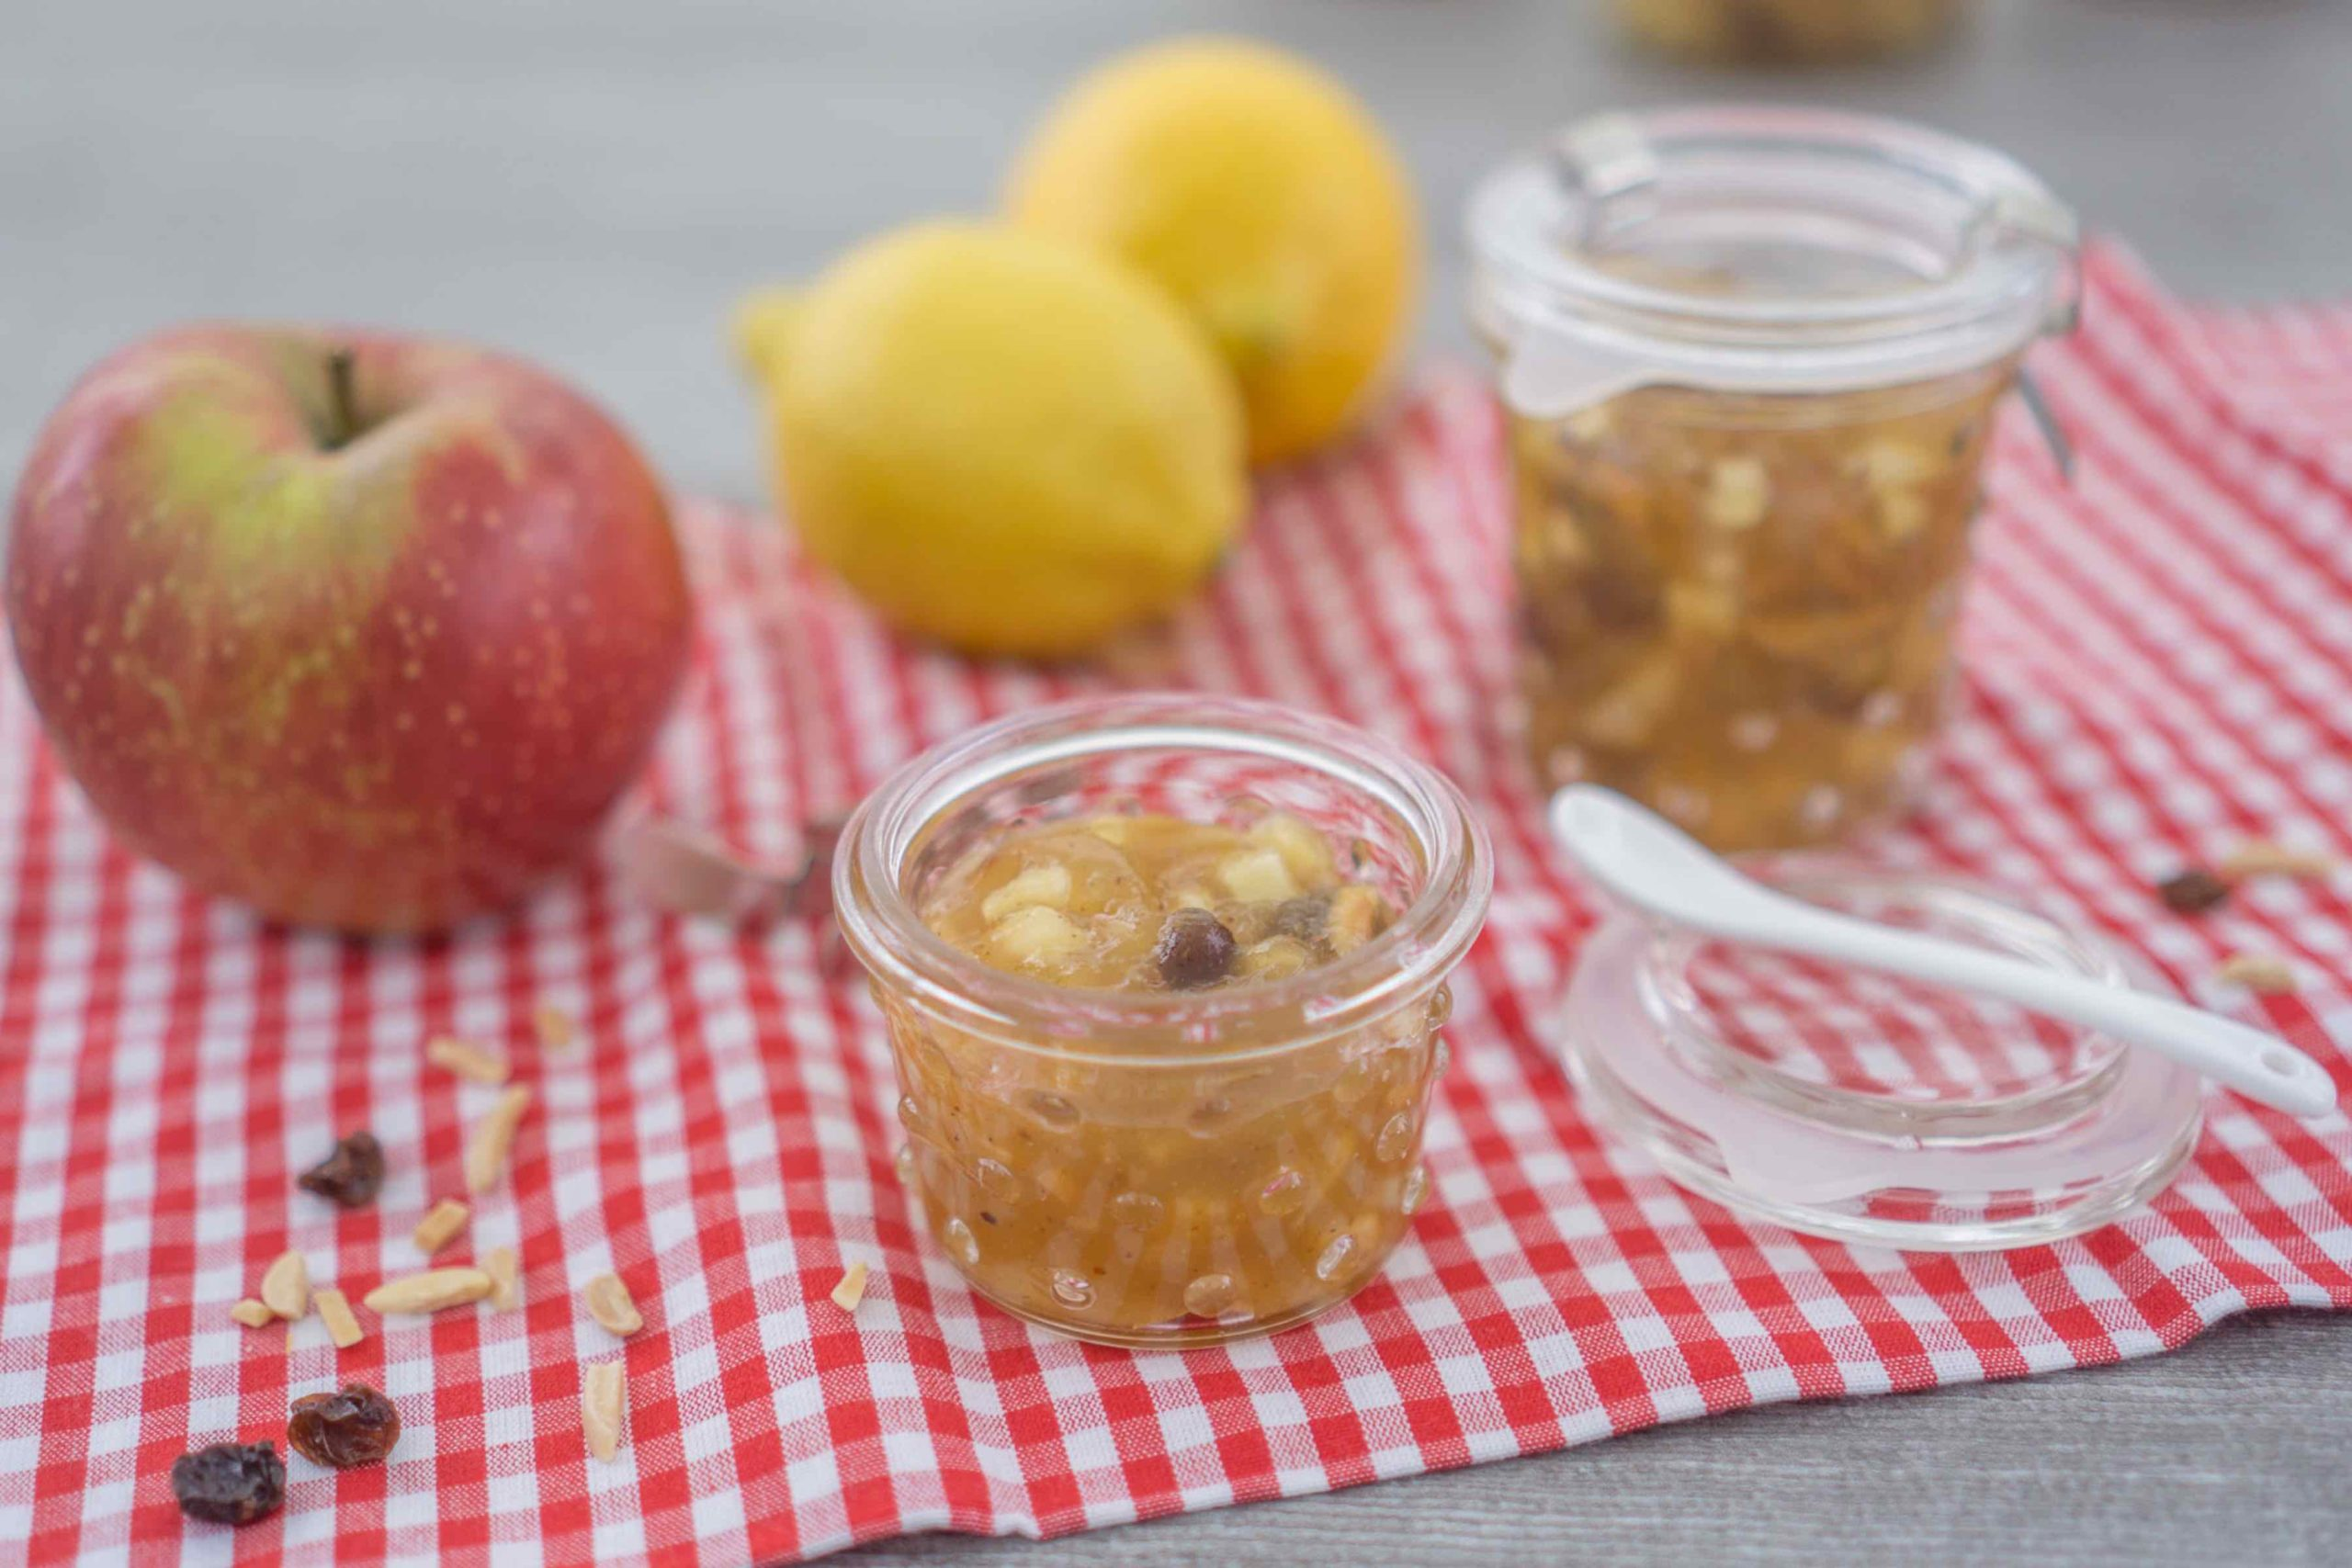 Apfelstrudelmarmelade selber kochen. Ein Rezept für leckeren Brotaufstrich aus Äpfeln, der schmeckt wie Apfelstrudel im Glas. | www.schninskitchen.de